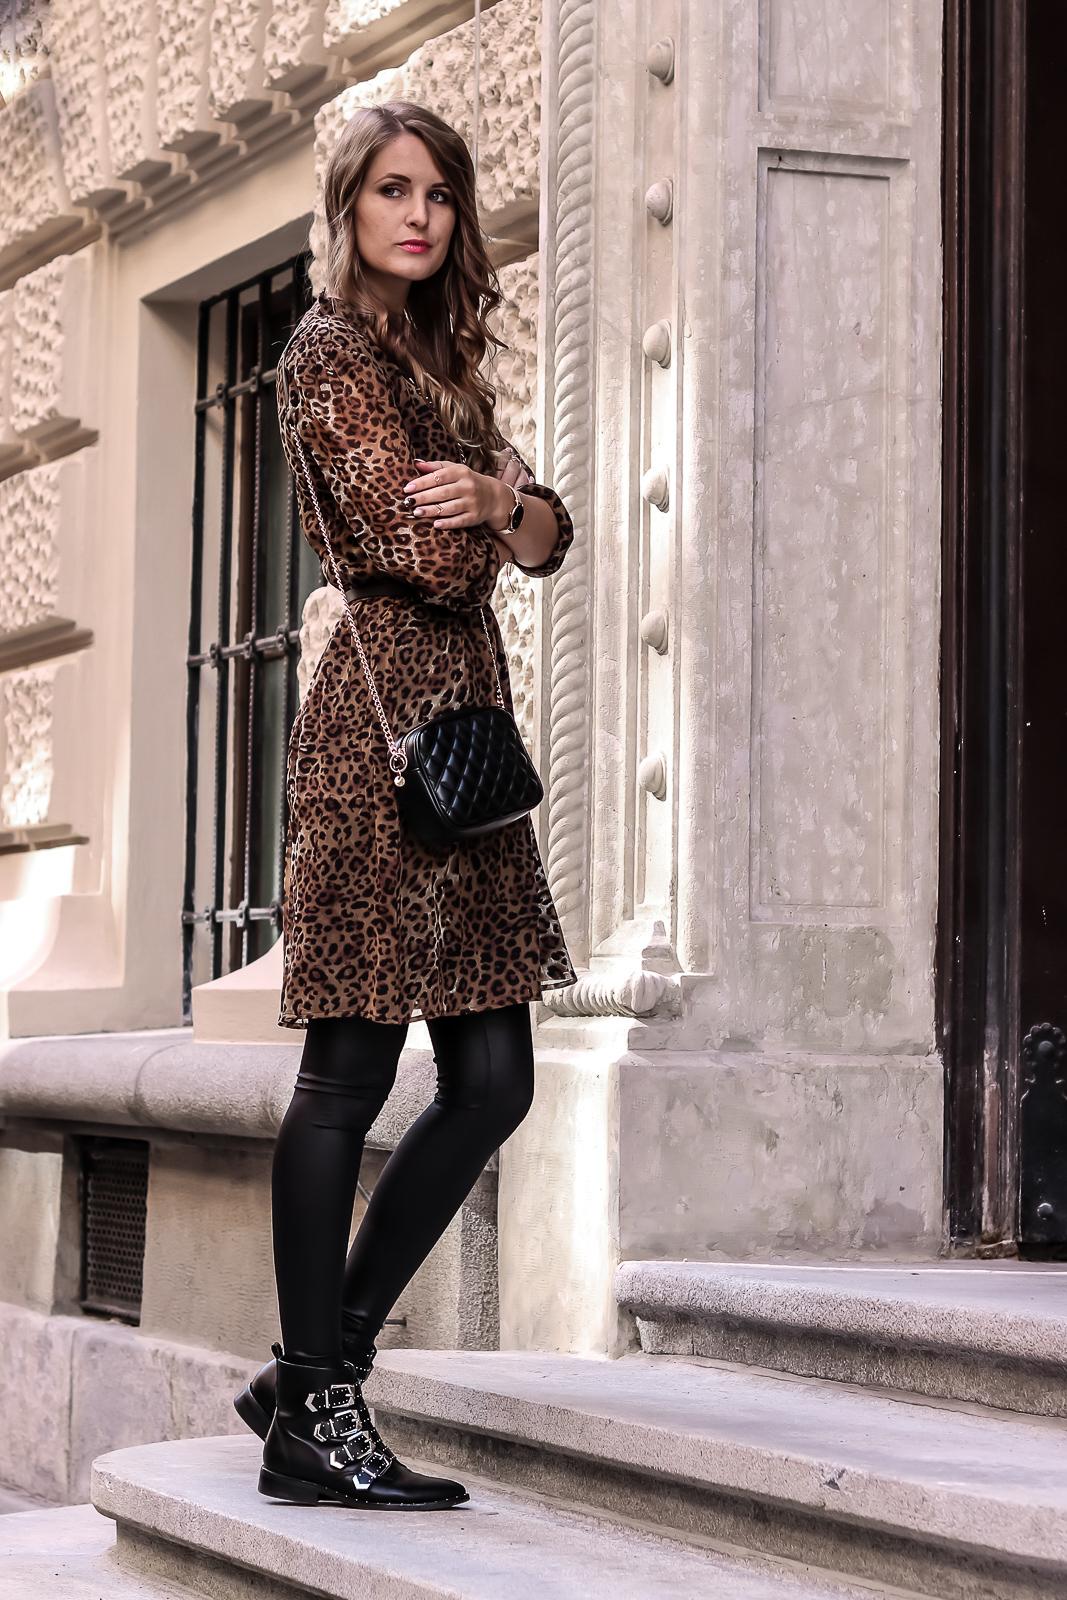 Outfit-Ideen und Styling-Tipps mit Biker Boots - Biker Boots mit Nieten und Schnallen kombinieren - verschiedene Outfits mit Biker Boots - der Der Biker Boots Trend - Boots kombinieren - Fashionladyloves by Tamara Wagner - Modeblog - Fashion Blog